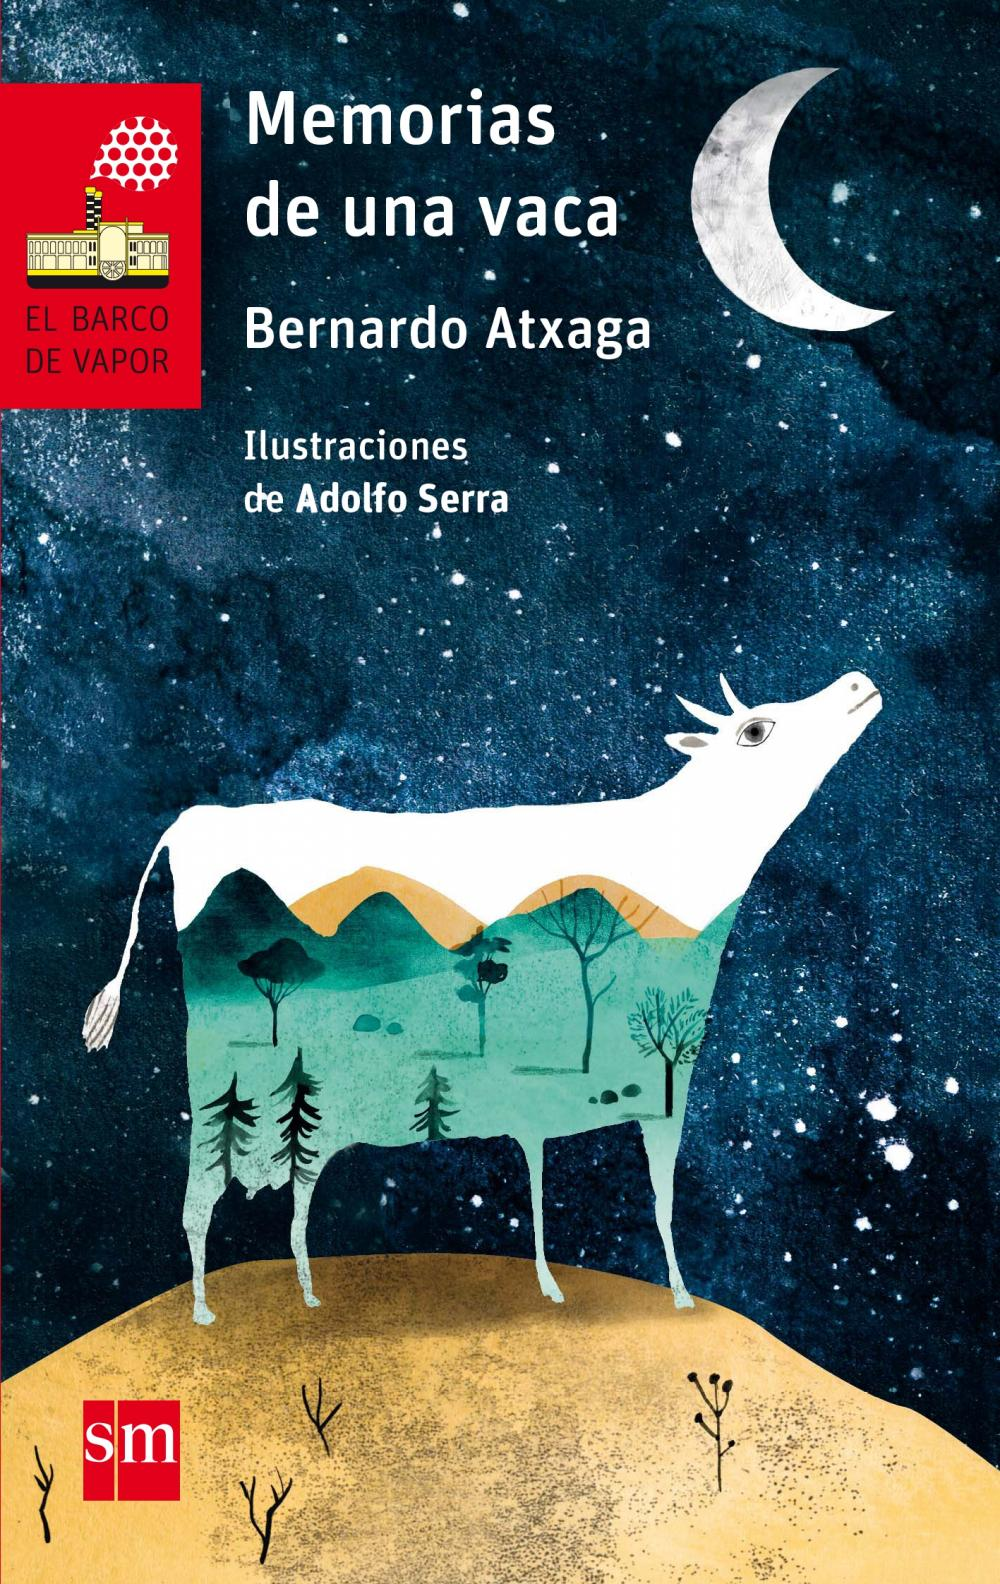 Memorias de una vaca